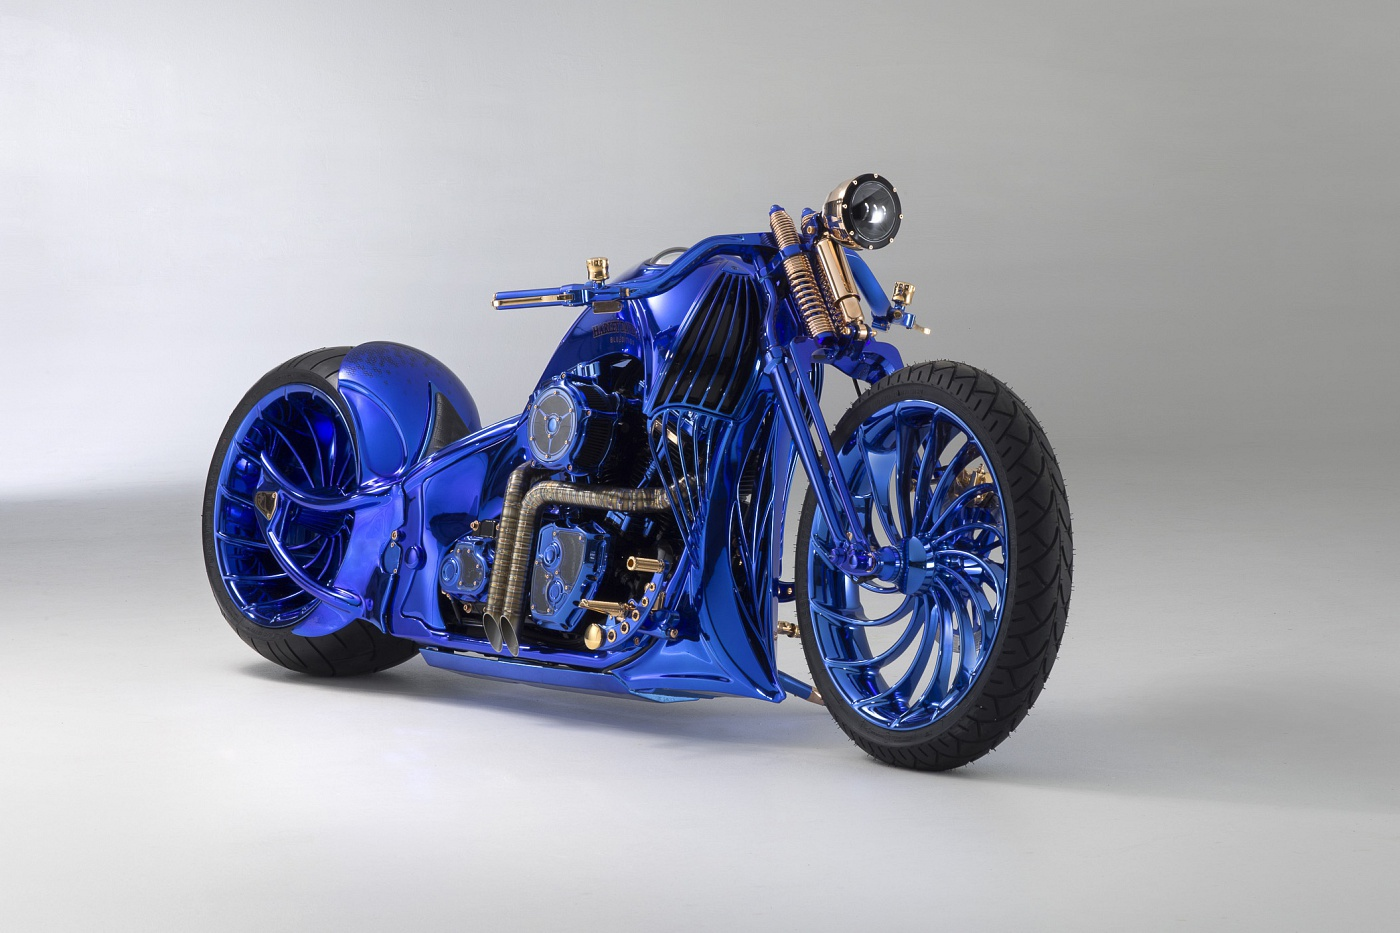 Una Harley Davidson da 1,5 milioni di euro!